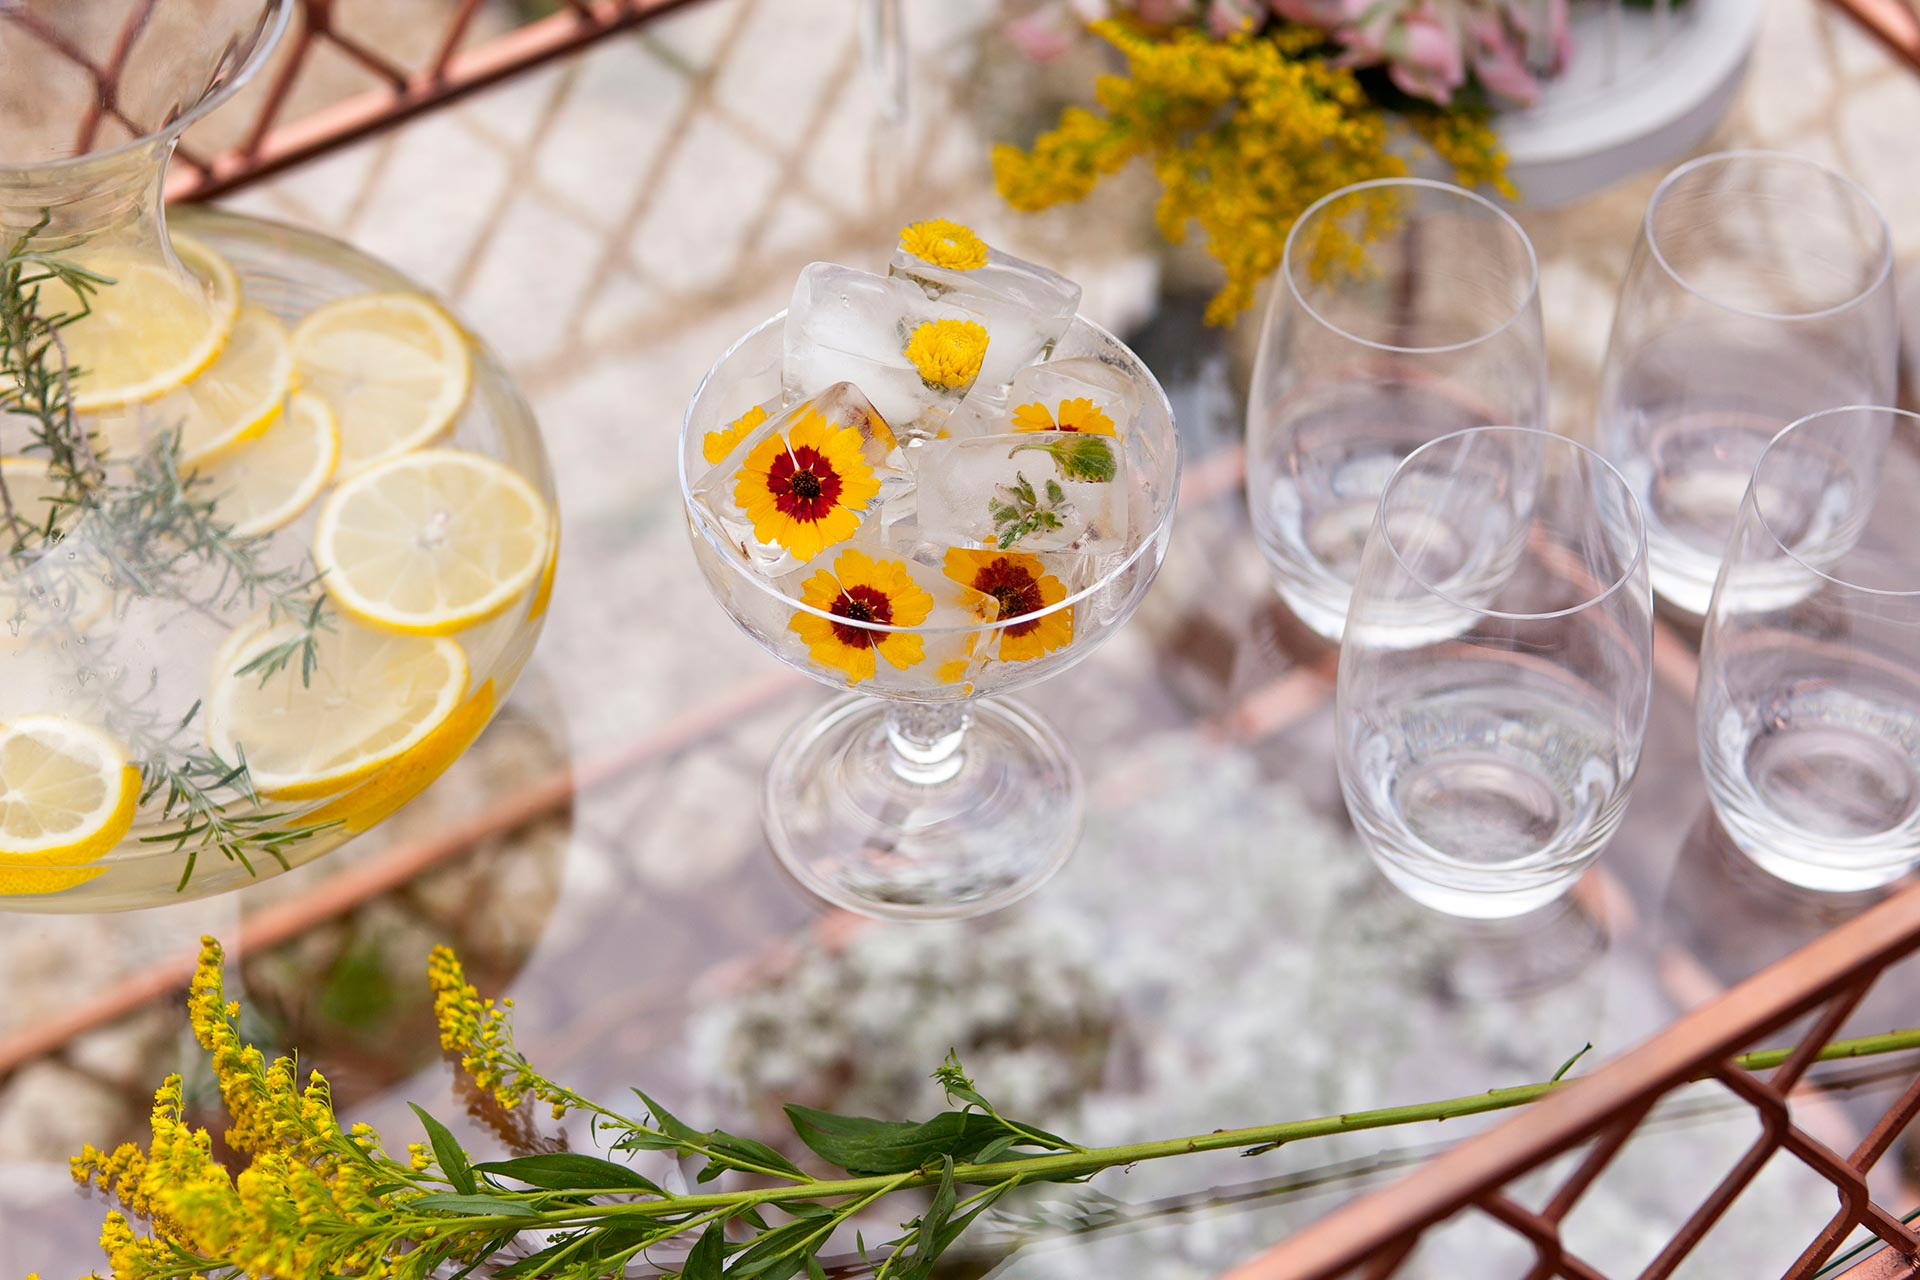 Imagem: Taças de sobremesa fizeram vez de baldinho de gelo, abrigando esses gelinhos de flores cheios de fofura. Foto: Raphael Günther/Bespoke Content.